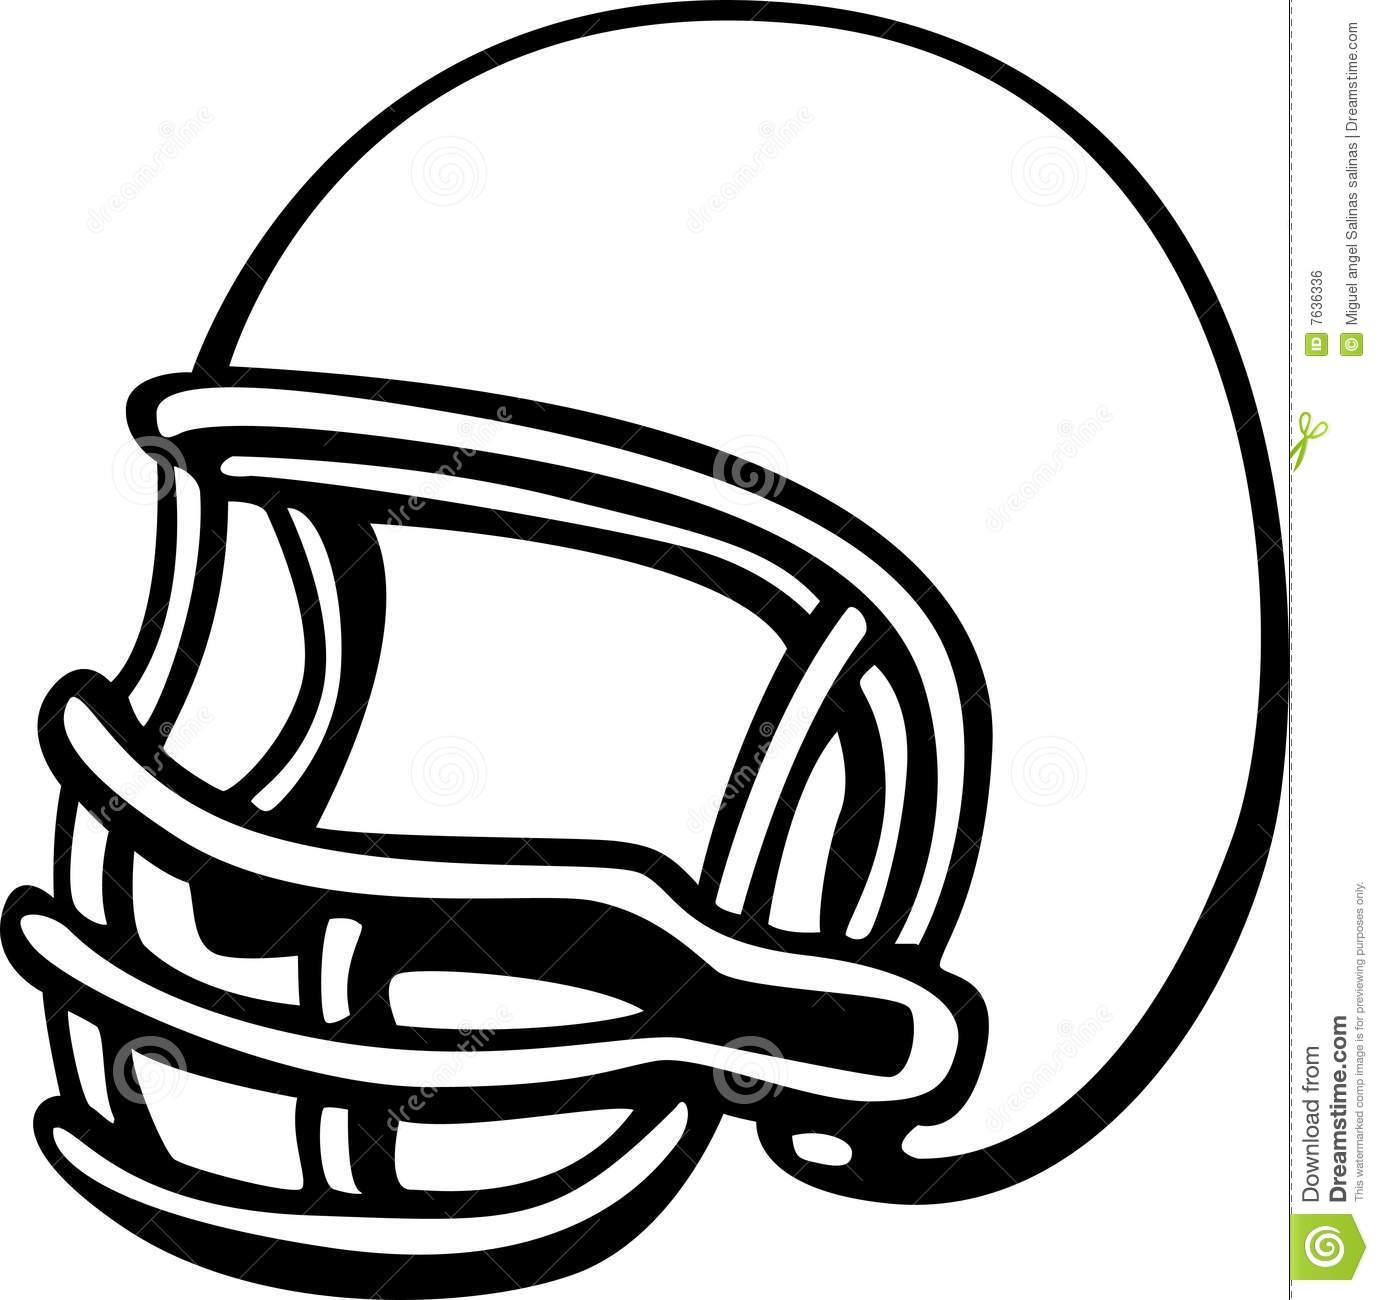 football helmet clip art front clipart panda free clipart images rh clipartpanda com